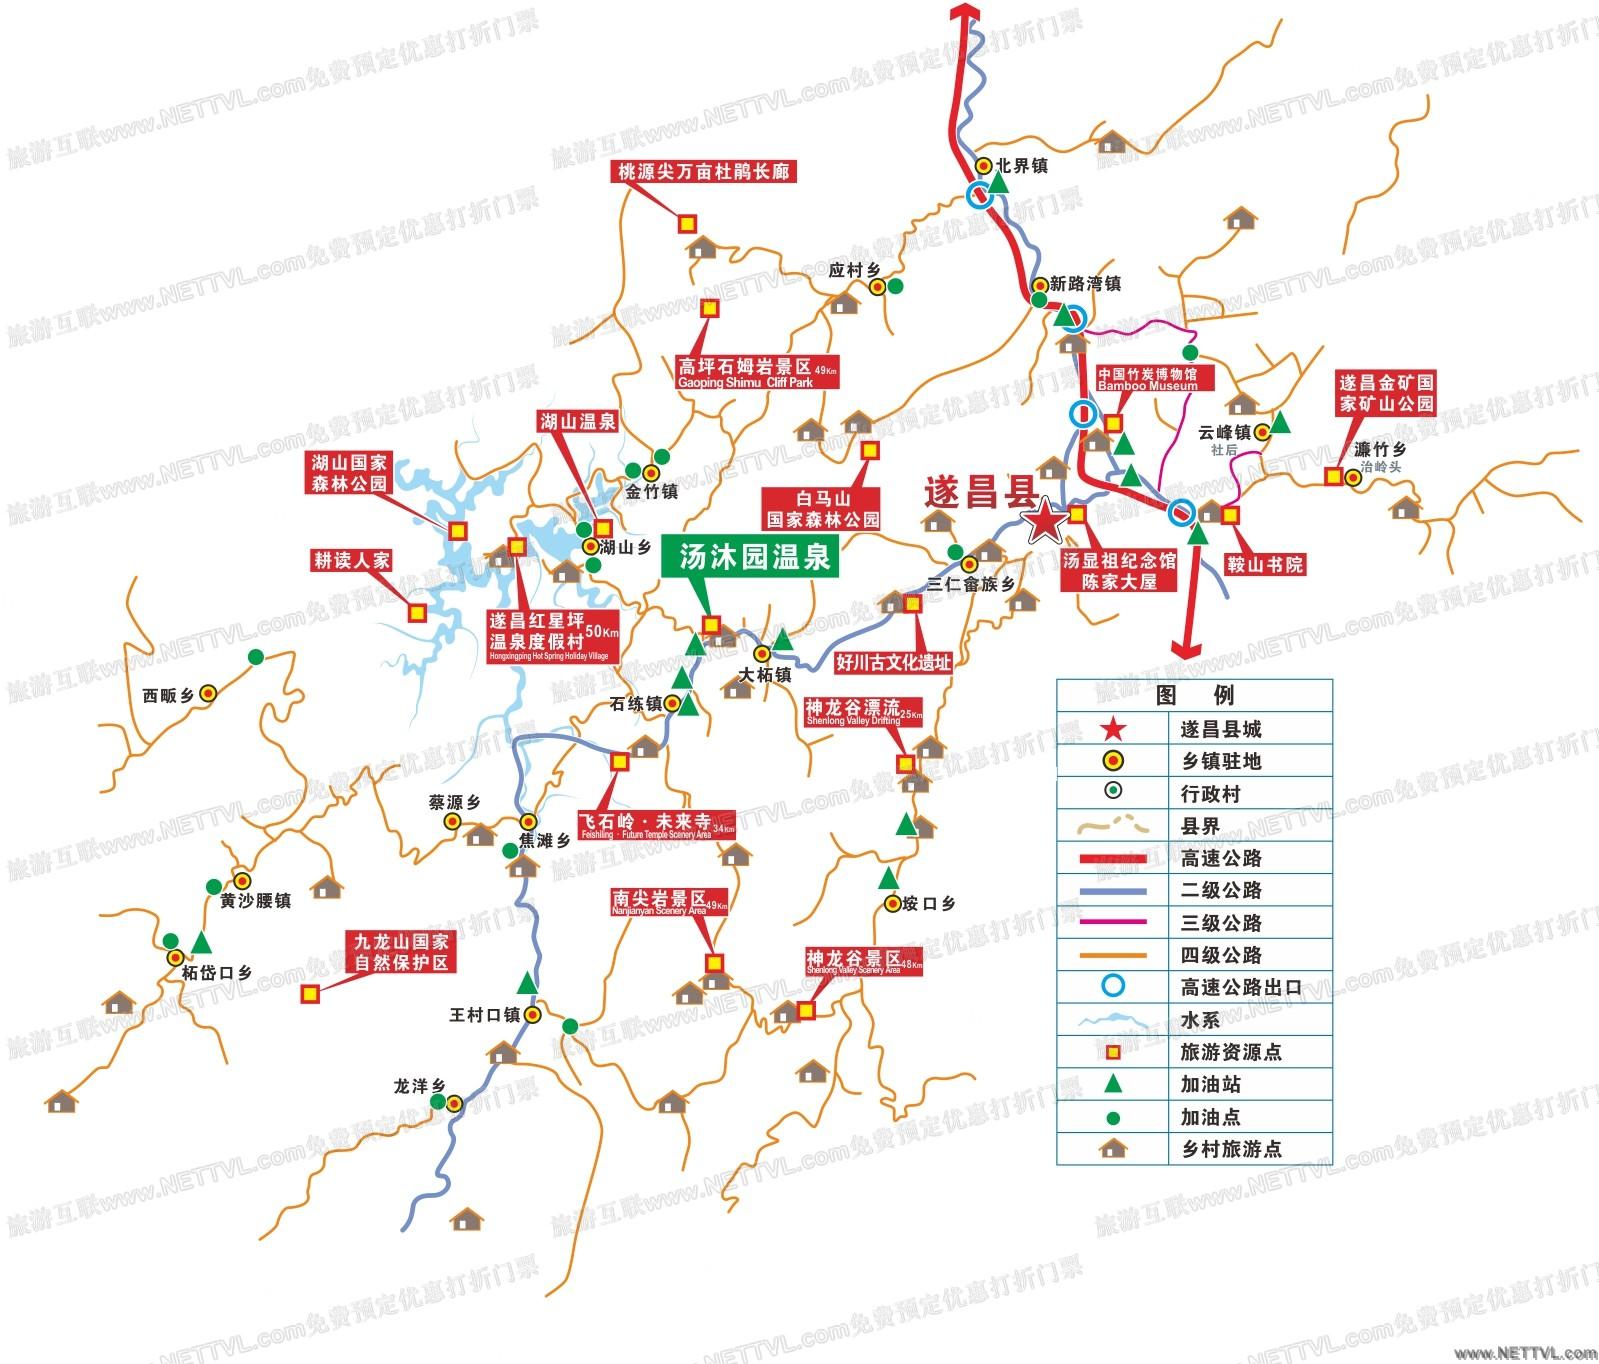 首页 旅游地图 景点交通图 浙江旅游地图 丽水旅游地图 汤沐园温泉